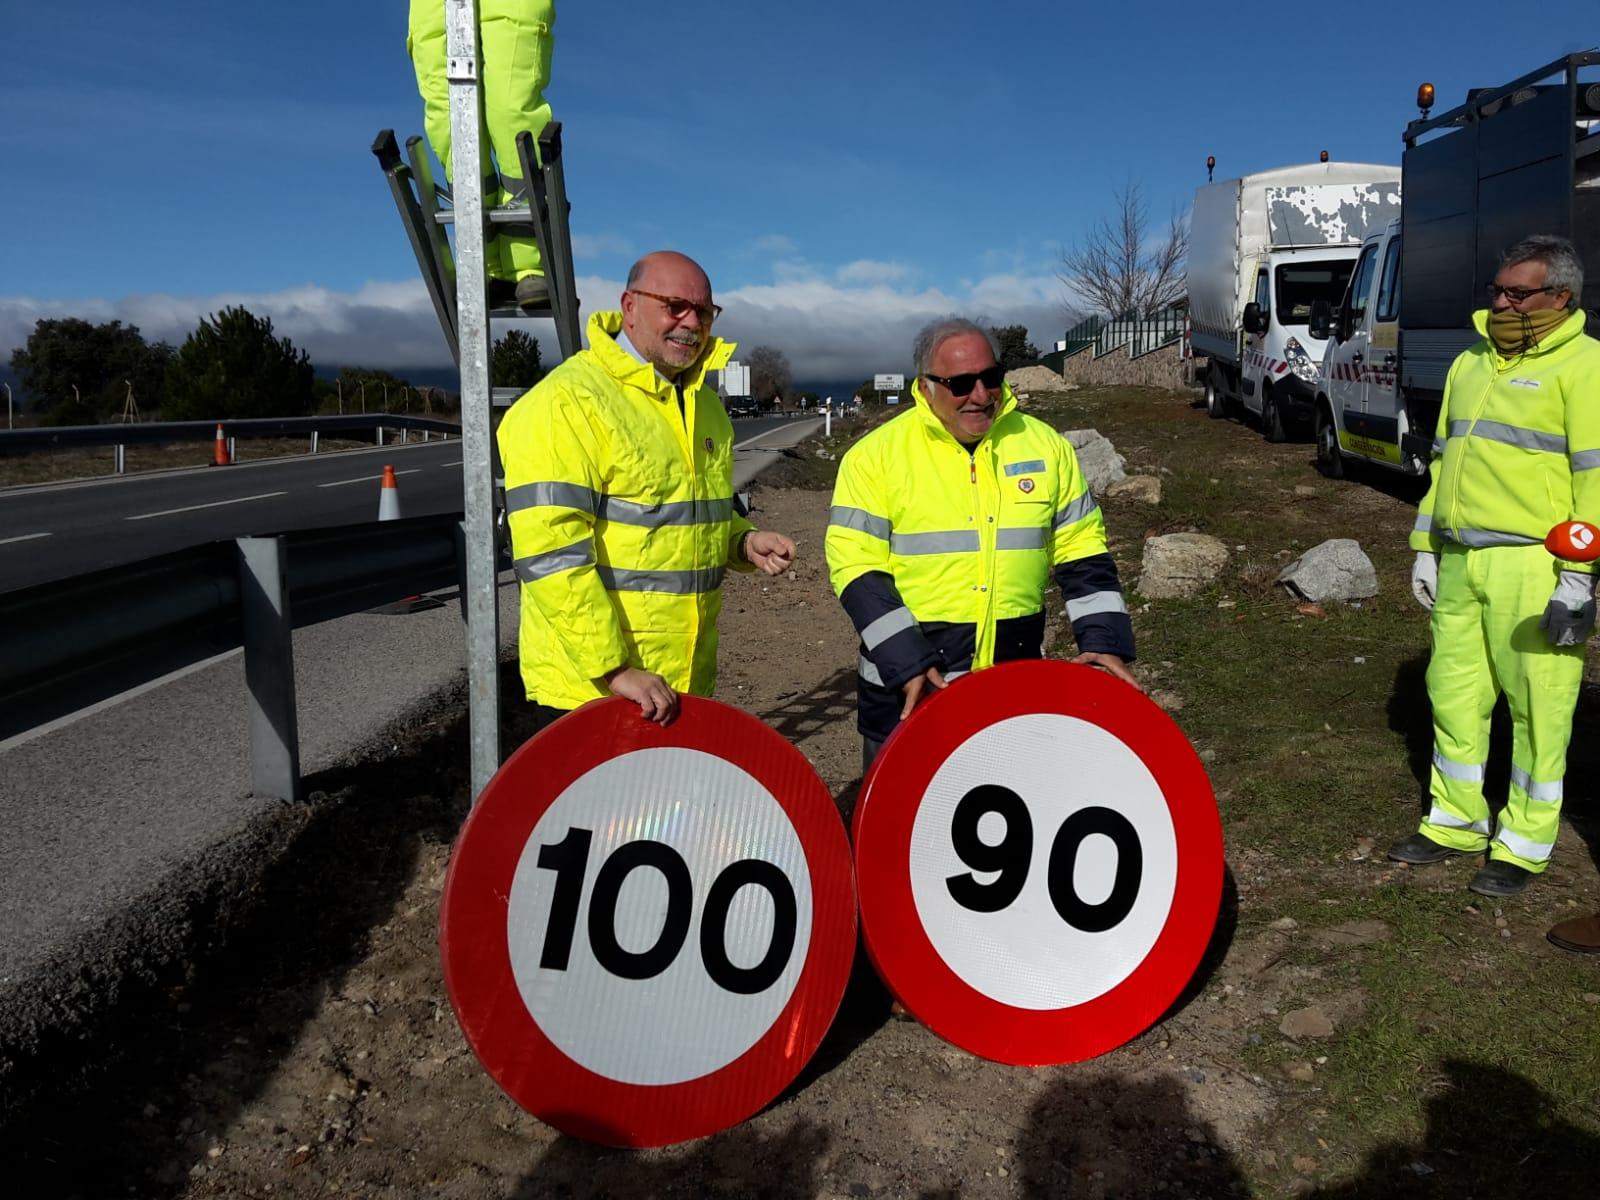 Mañana entra en vigor el límite de 90 km/h en carreteras convencionales